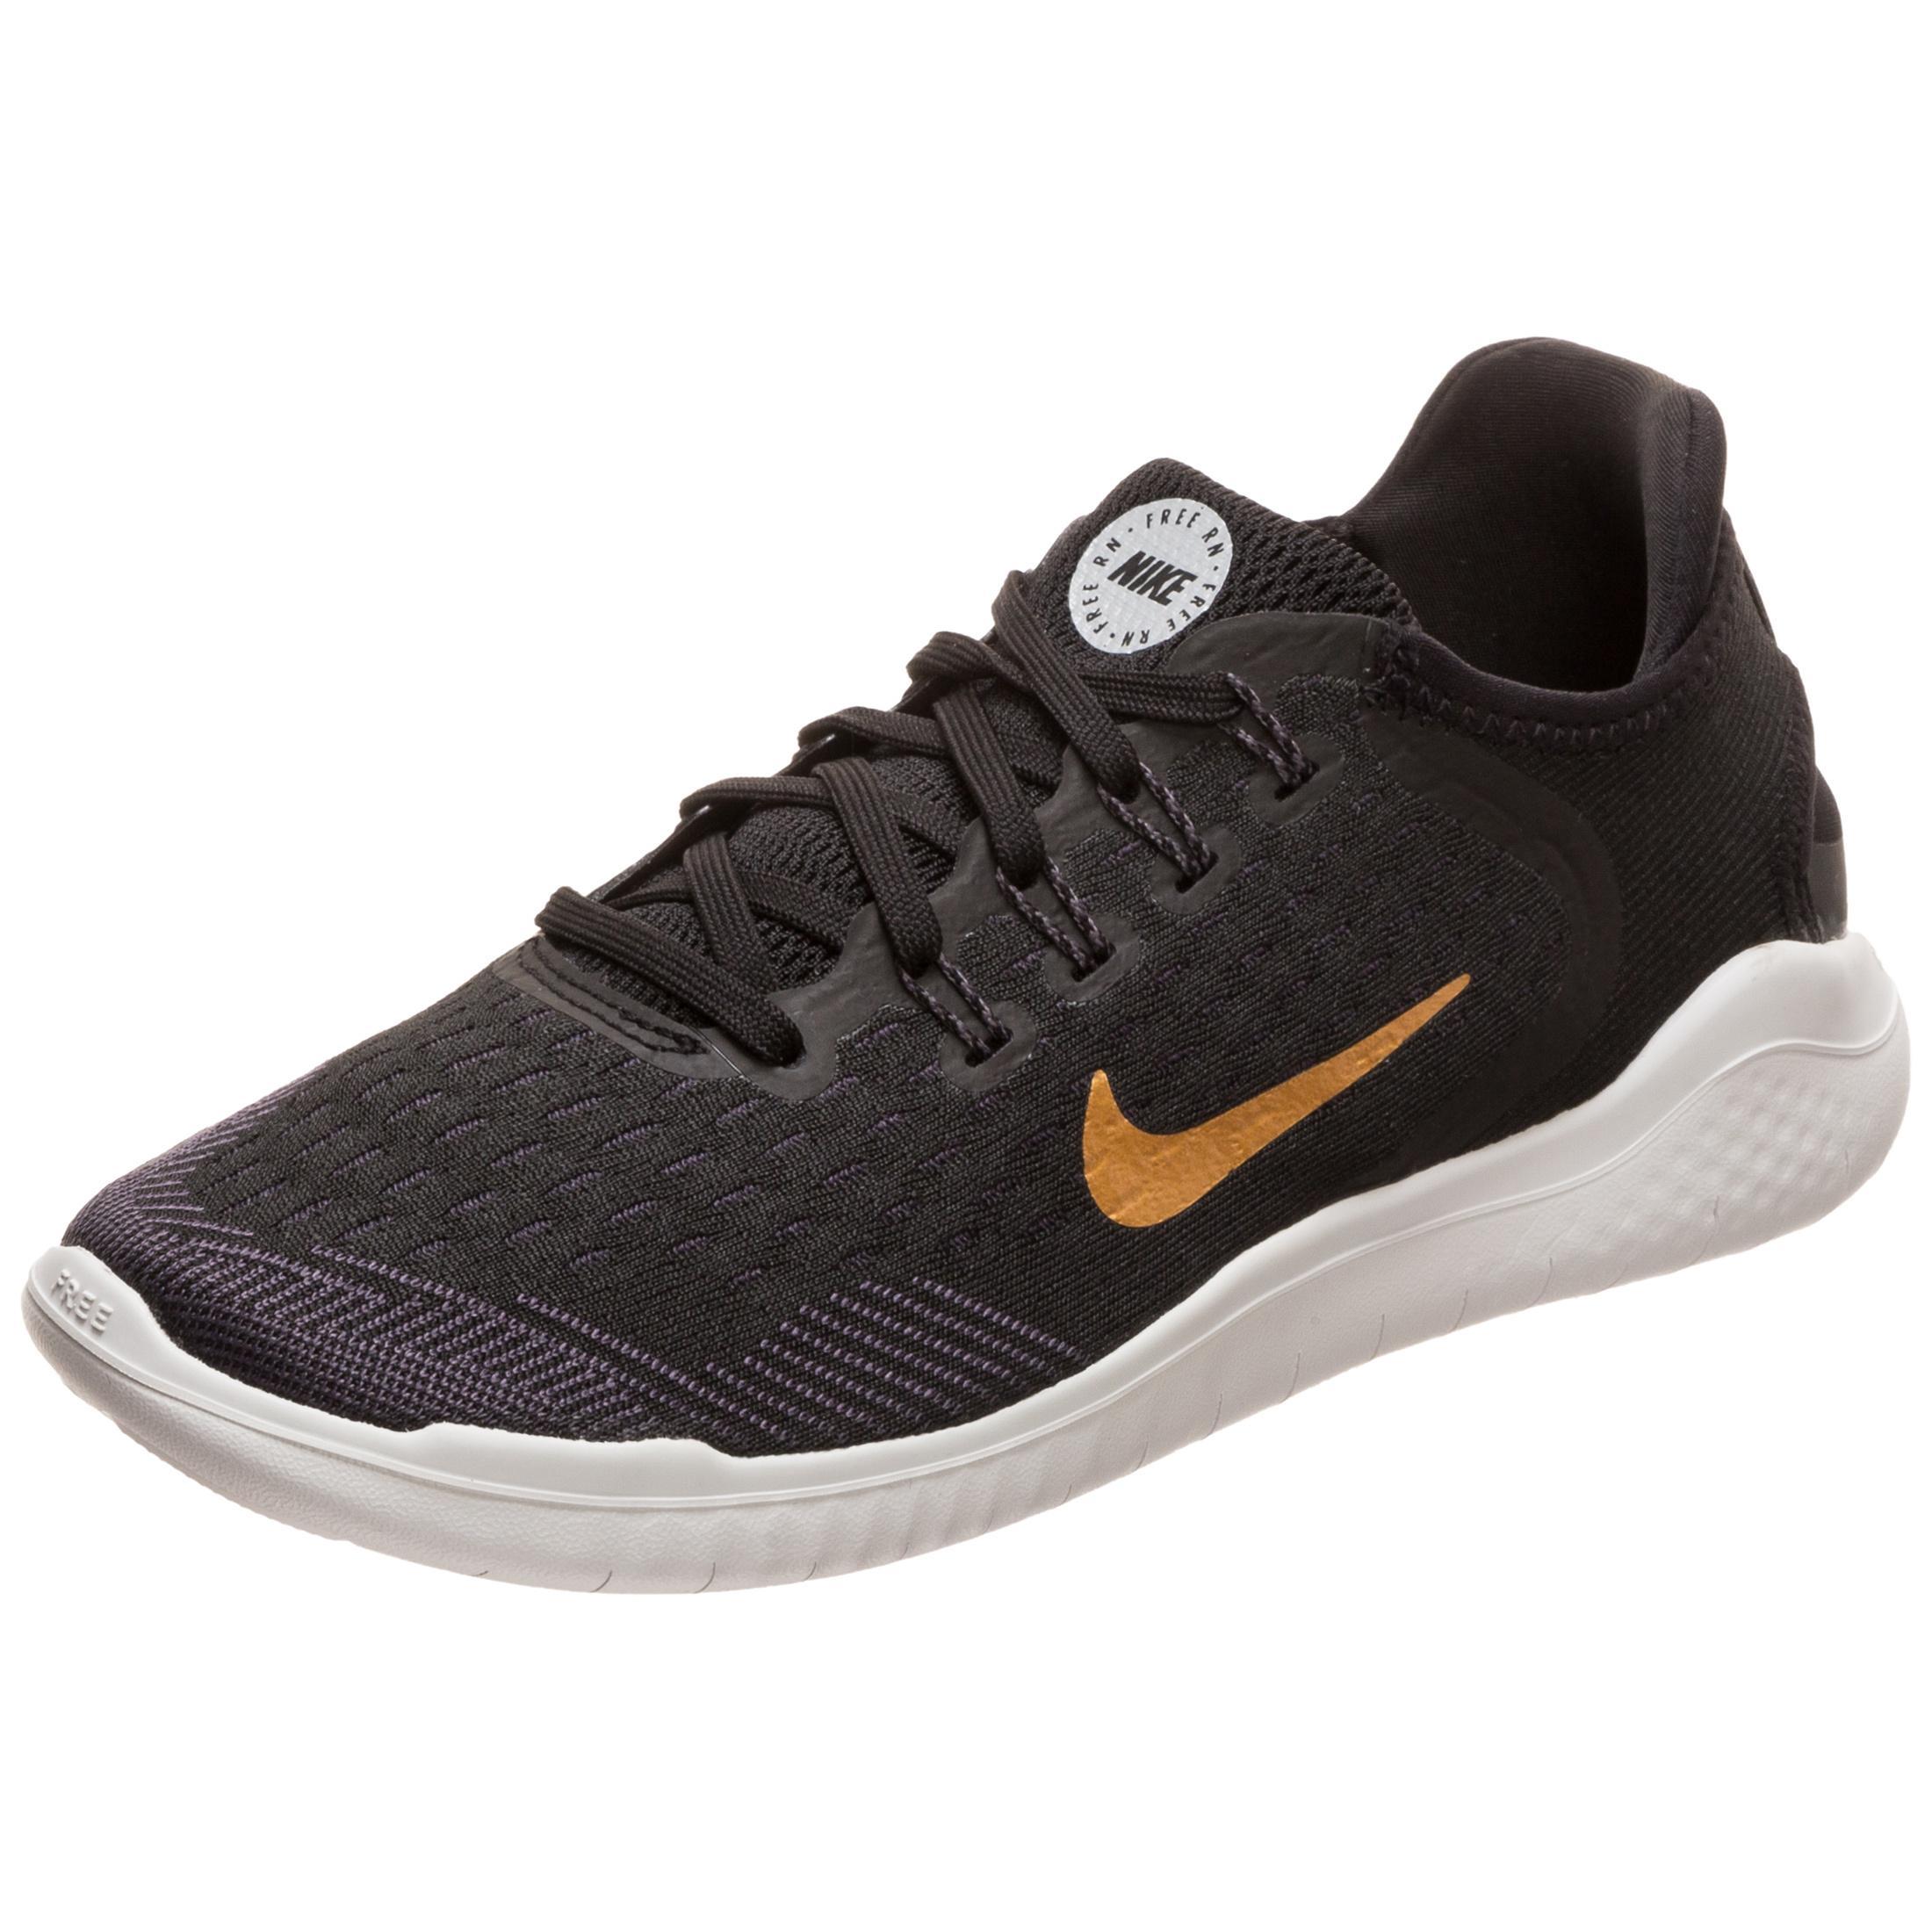 Nike Free RN 2018 Laufschuhe Damen black white im Online Shop von SportScheck kaufen